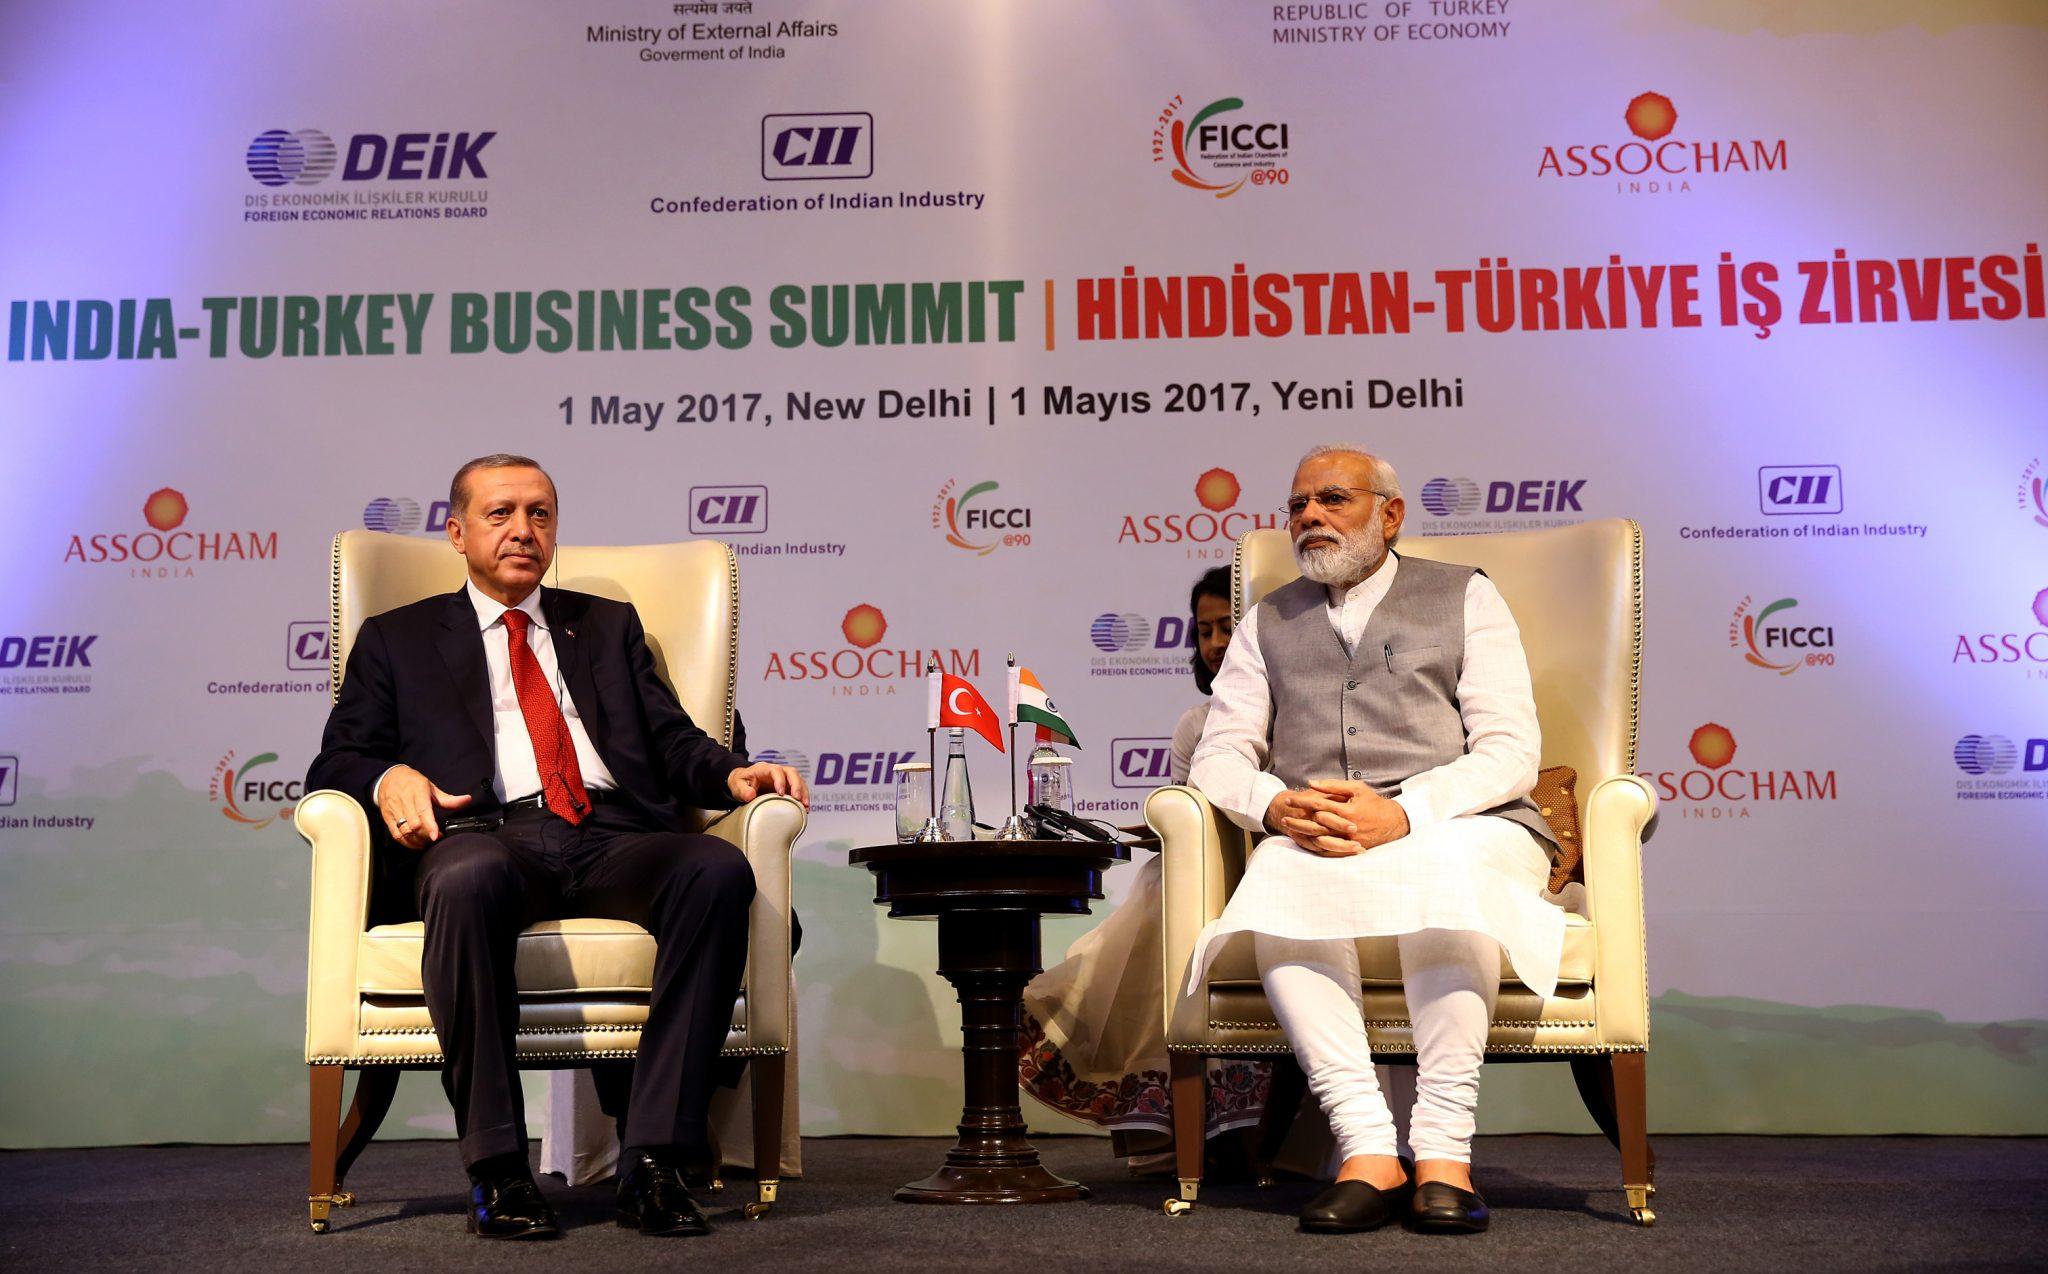 """Cumhurbaşkanı Recep Tayyip Erdoğan ve  Hindistan Başbakanı Narendra Modi, """"Hindistan-Türkiye İş Zirvesi""""ne katıldı.   ( Kayhan Özer - Anadolu Ajansı )"""